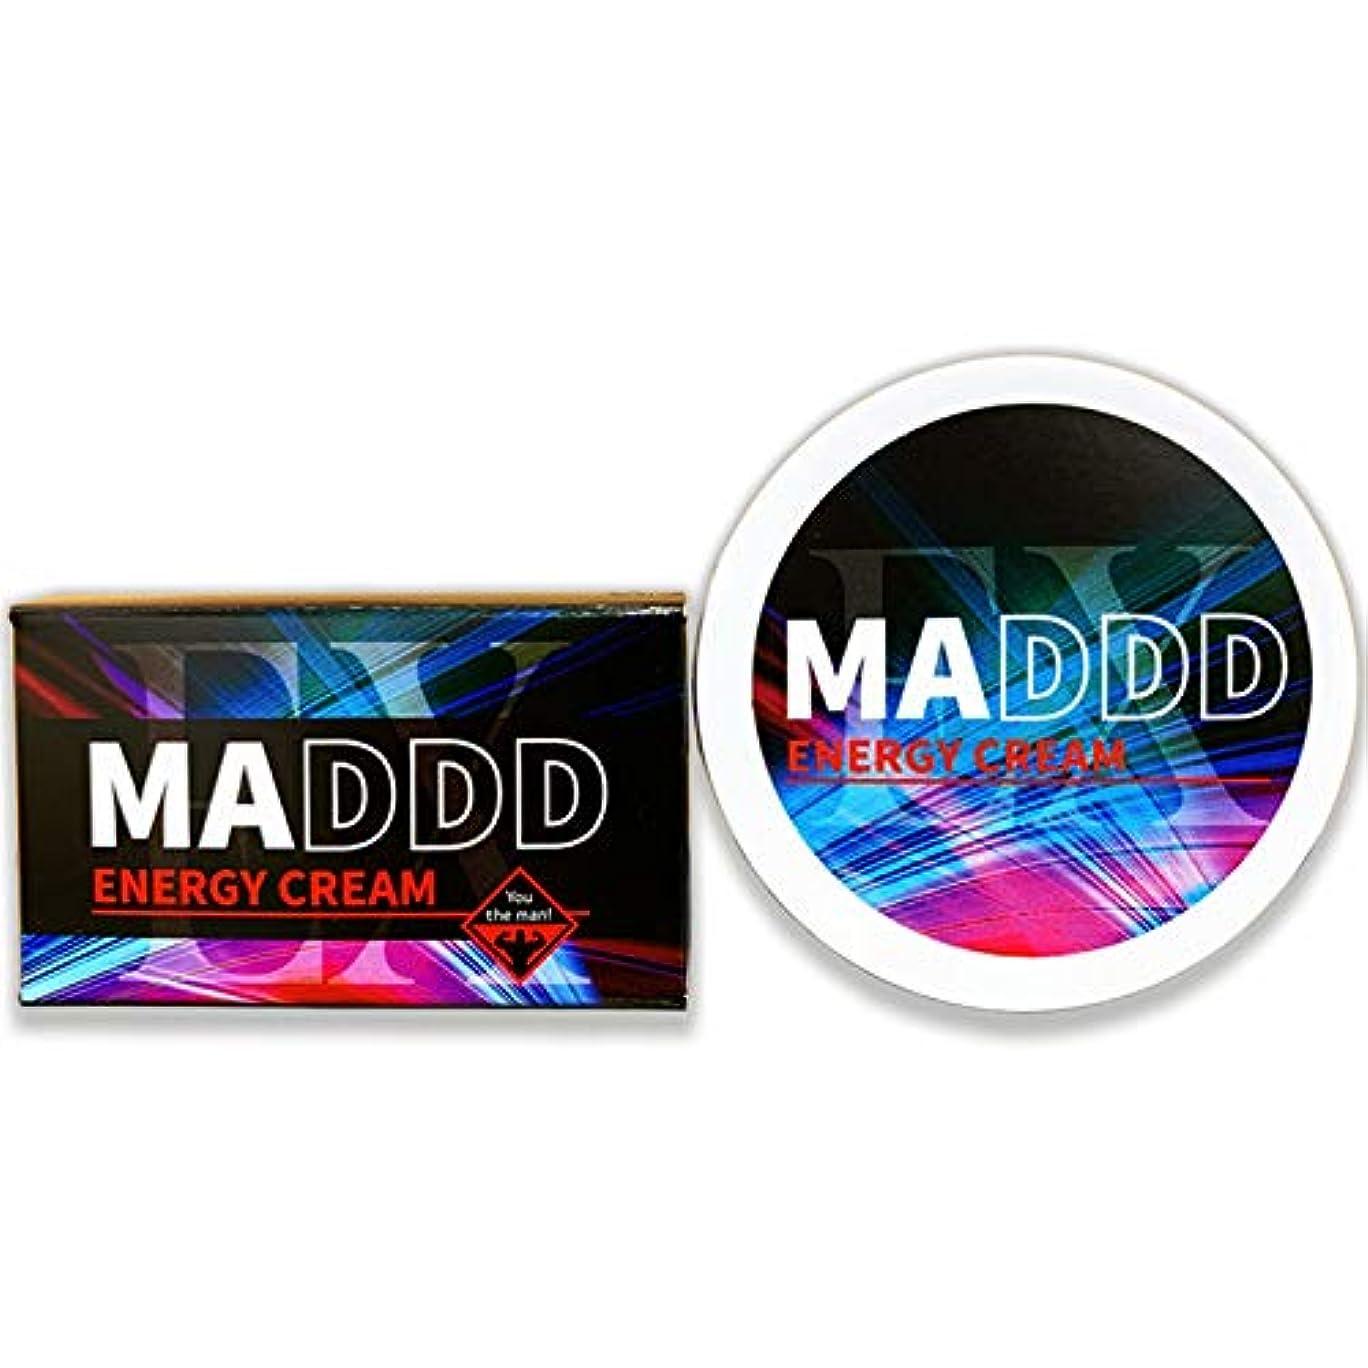 竜巻ニンニク導出MADDD EX 増大クリーム 自信 持続力 厳選成分 50g (大人気3個セット)